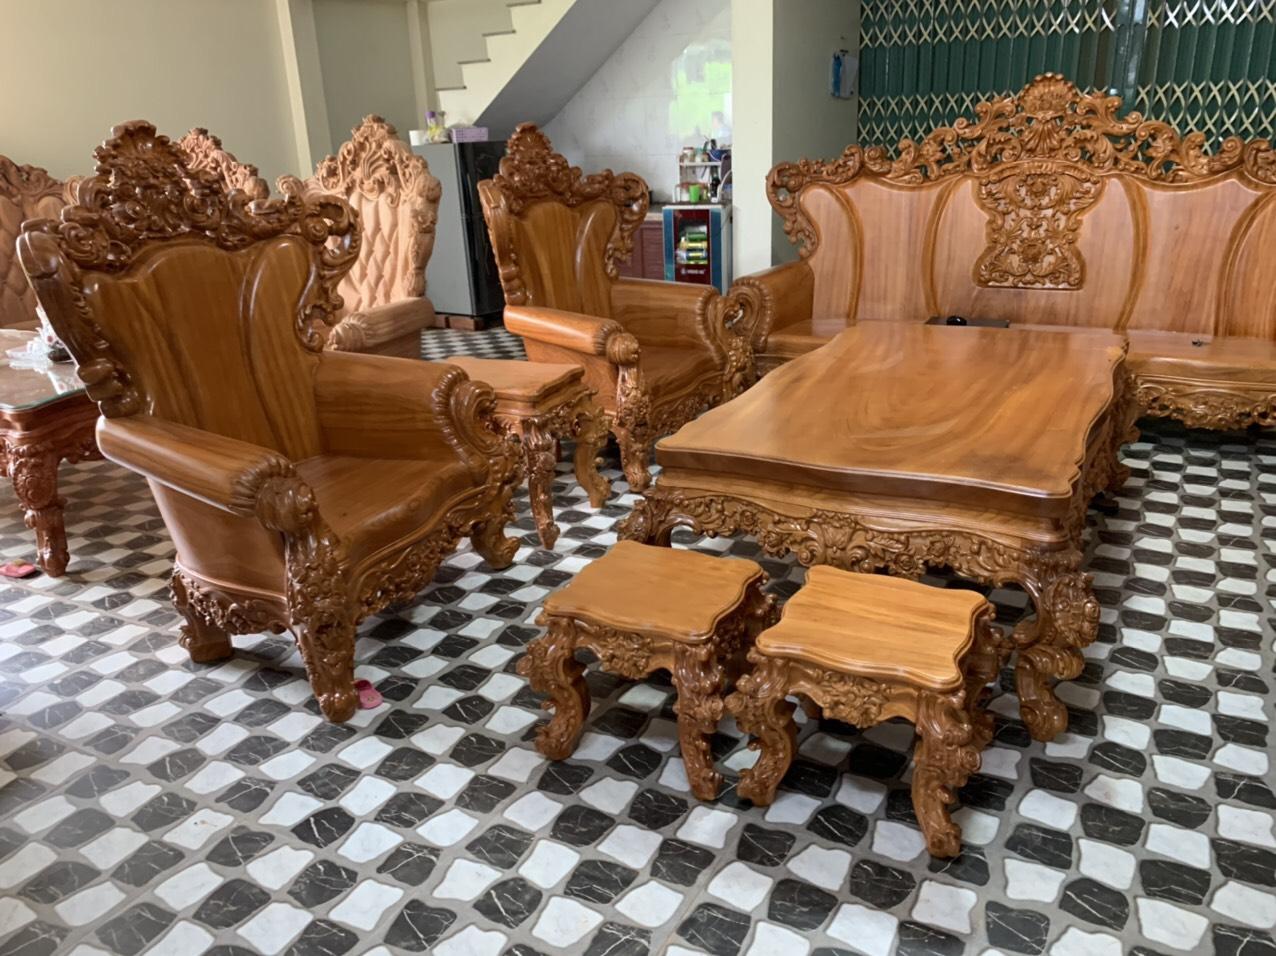 Sofa louis hoang gia 45 - Sofa Louis Hoàng Gia MS: 64